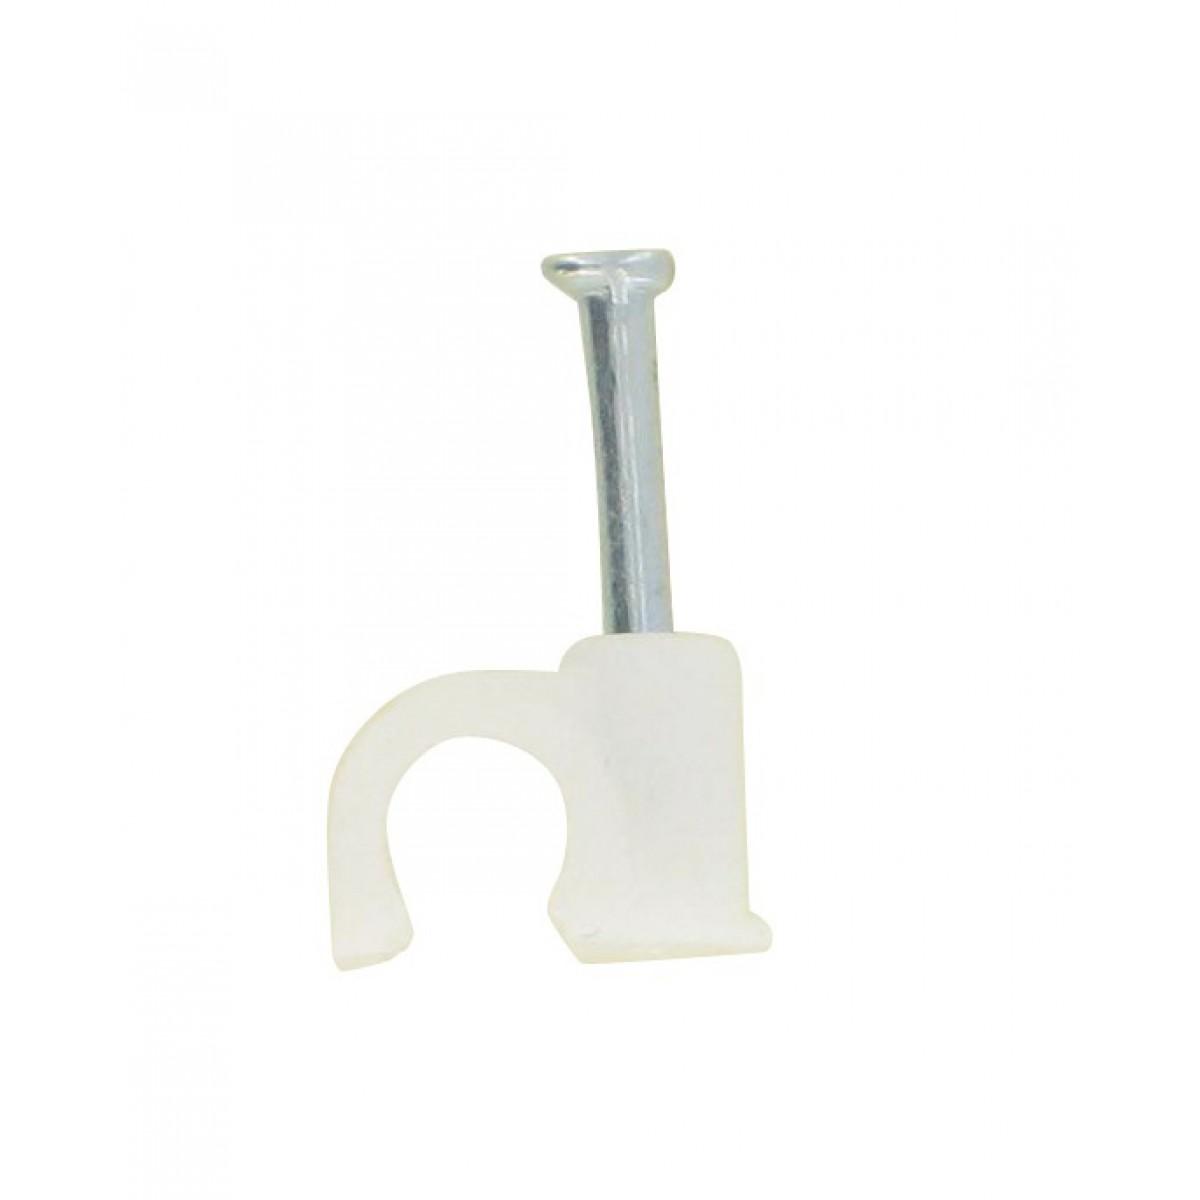 Pontet rigide blanc Dhome - Diamètre 10 mm - Vendu par 100